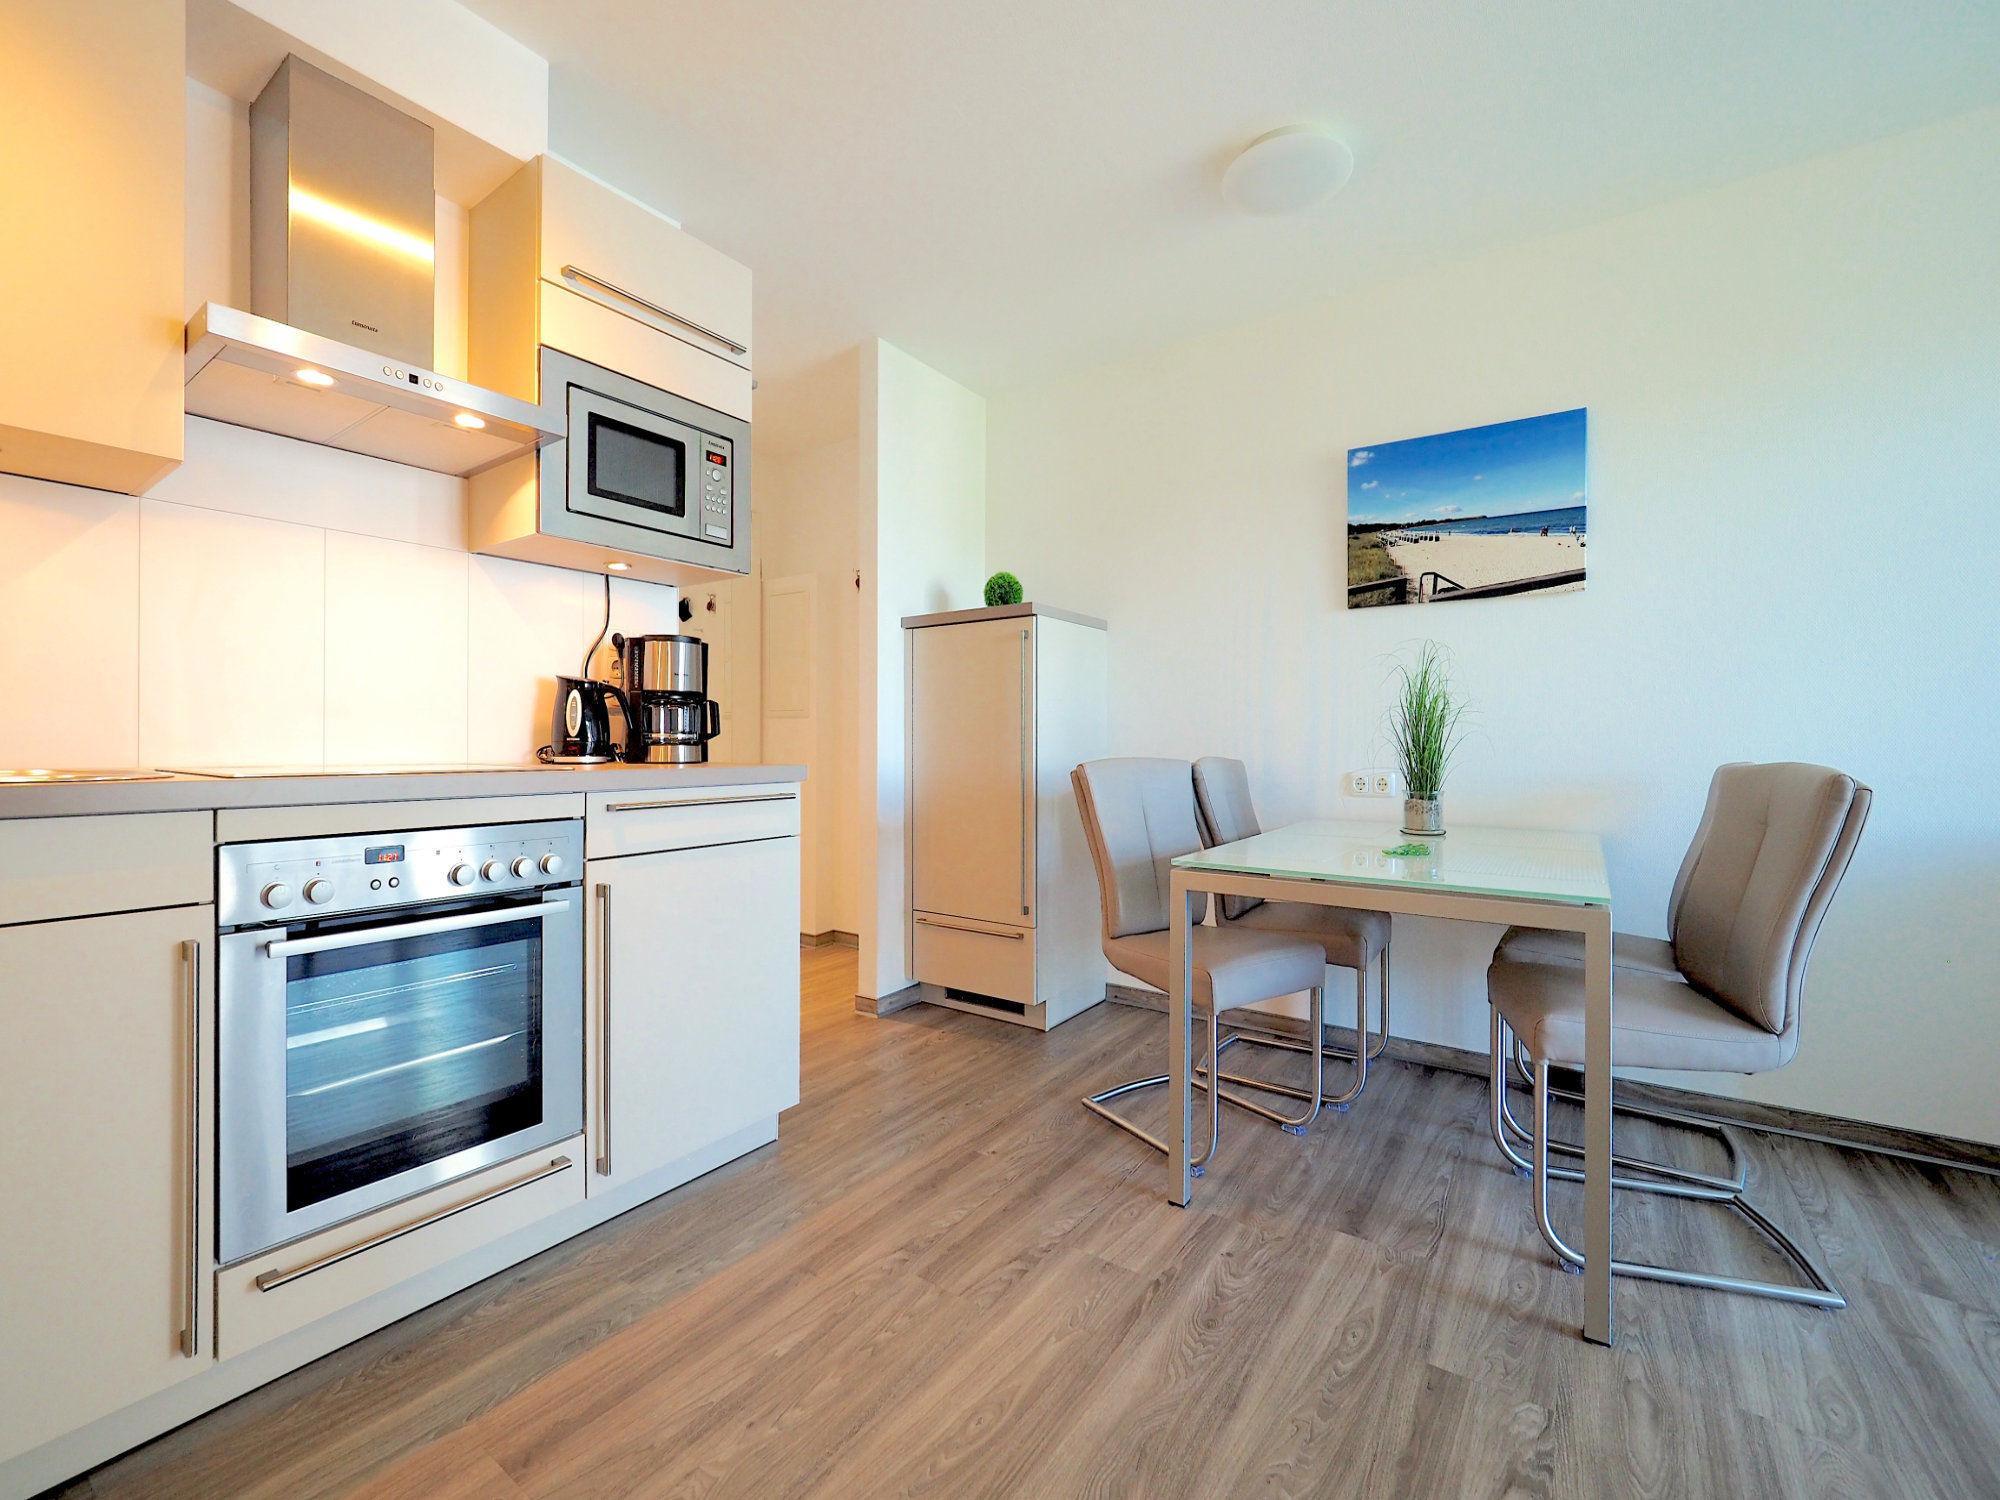 Esstisch mit vier Stühlen, links davon moderne Küchenzeile